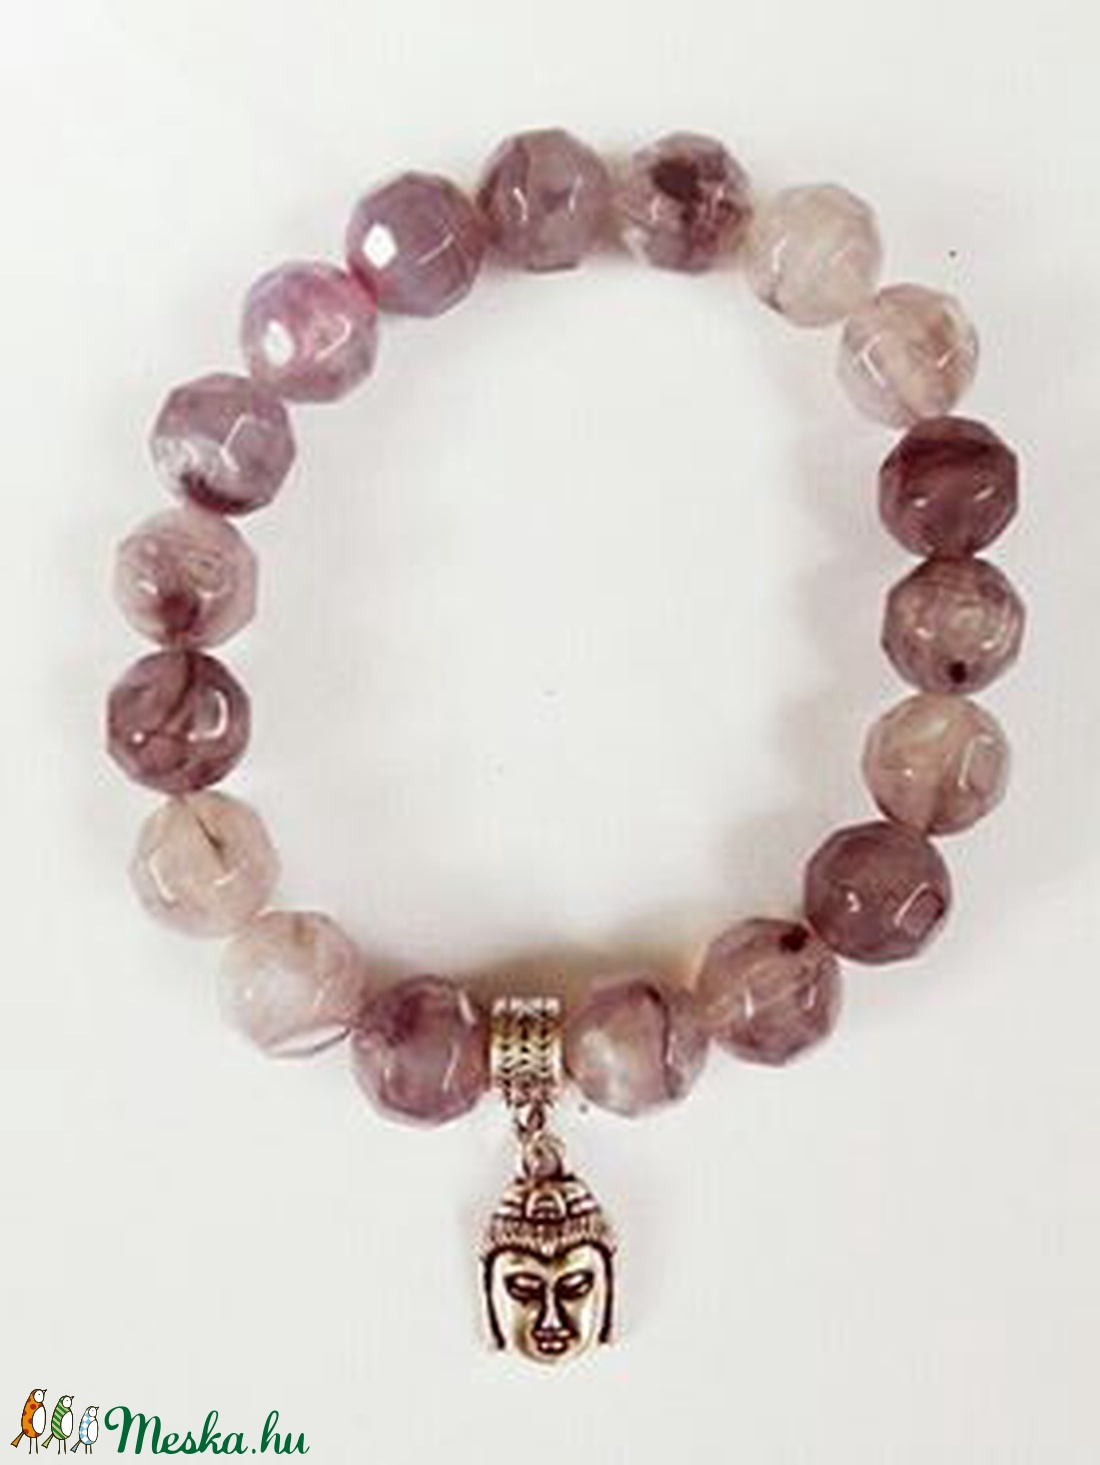 Csukló mala, füstkvarcutánzat (10 mm) gyöngyökkel, ezüstszínű buddha kezdőszemmel, 16 cm, gumis. (oldjeansgarboo) - Meska.hu